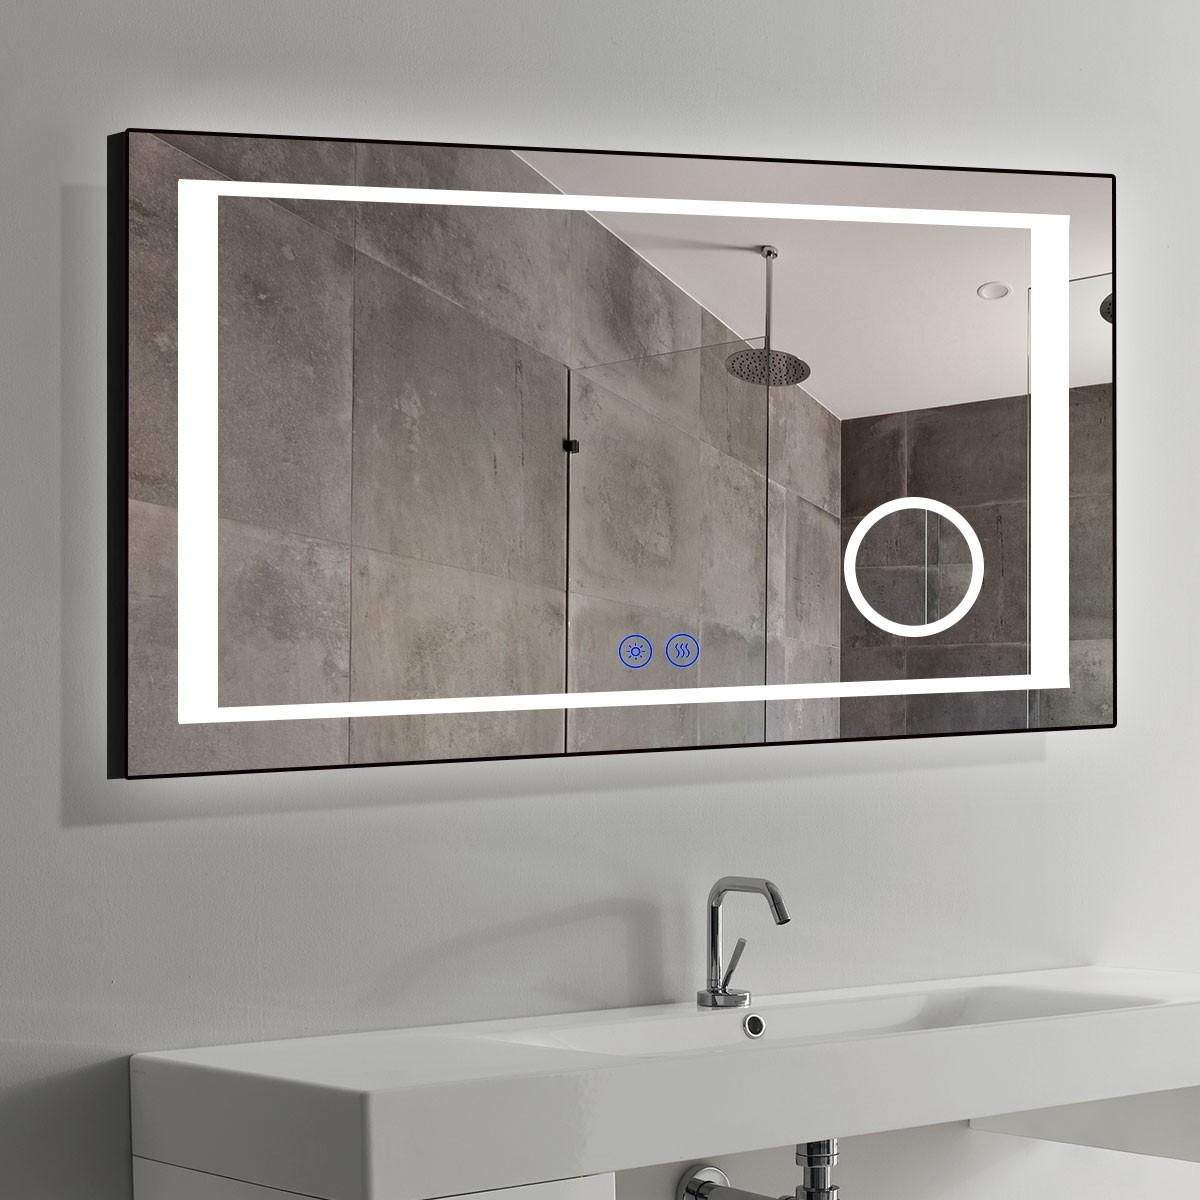 DECORAPORT 60 x 36 Po Miroir de Salle de Bain LED/Miroir Chambre avec Bouton Tactile, Loupe, Anti-Buée, Luminosité Réglable, Montage Vertical & Horizontal (KT03-6036)